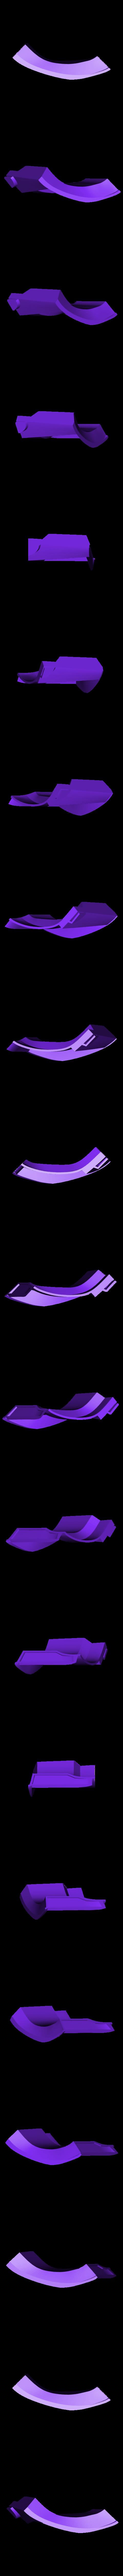 Part_15.stl Télécharger fichier STL gratuit Capitaine Rex Casque Phase 2 (Star Wars) • Plan imprimable en 3D, VillainousPropShop